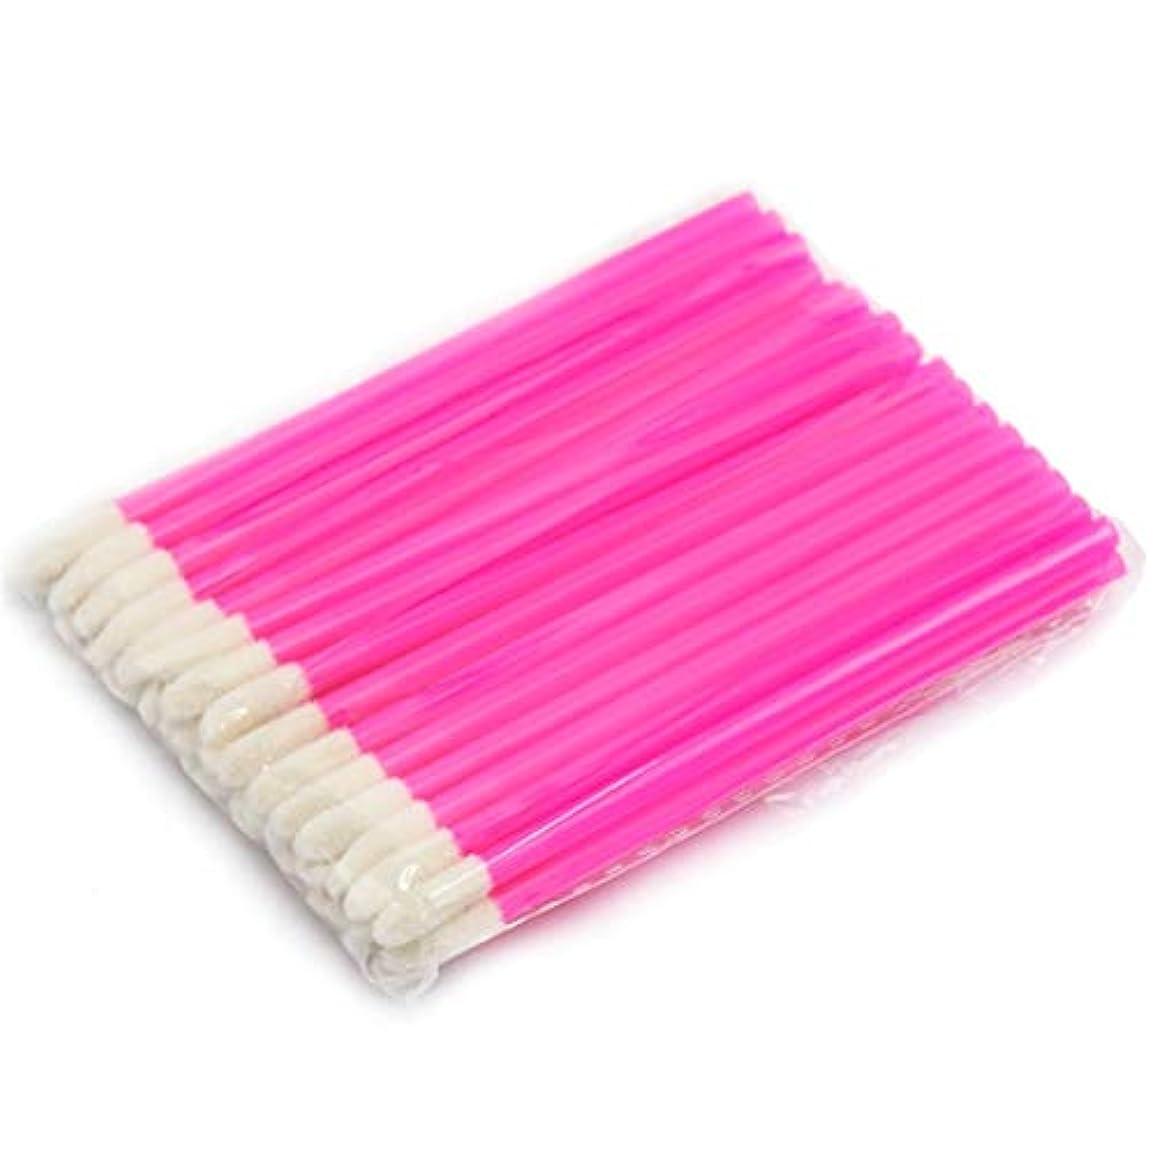 コンクリート感染するハンドブックMakeup brushes 使い捨て化粧リップブラシ口紅光沢スティックアプリケーター化粧ツールファッションデザイン-ローズブッシュ suits (Color : Rose)